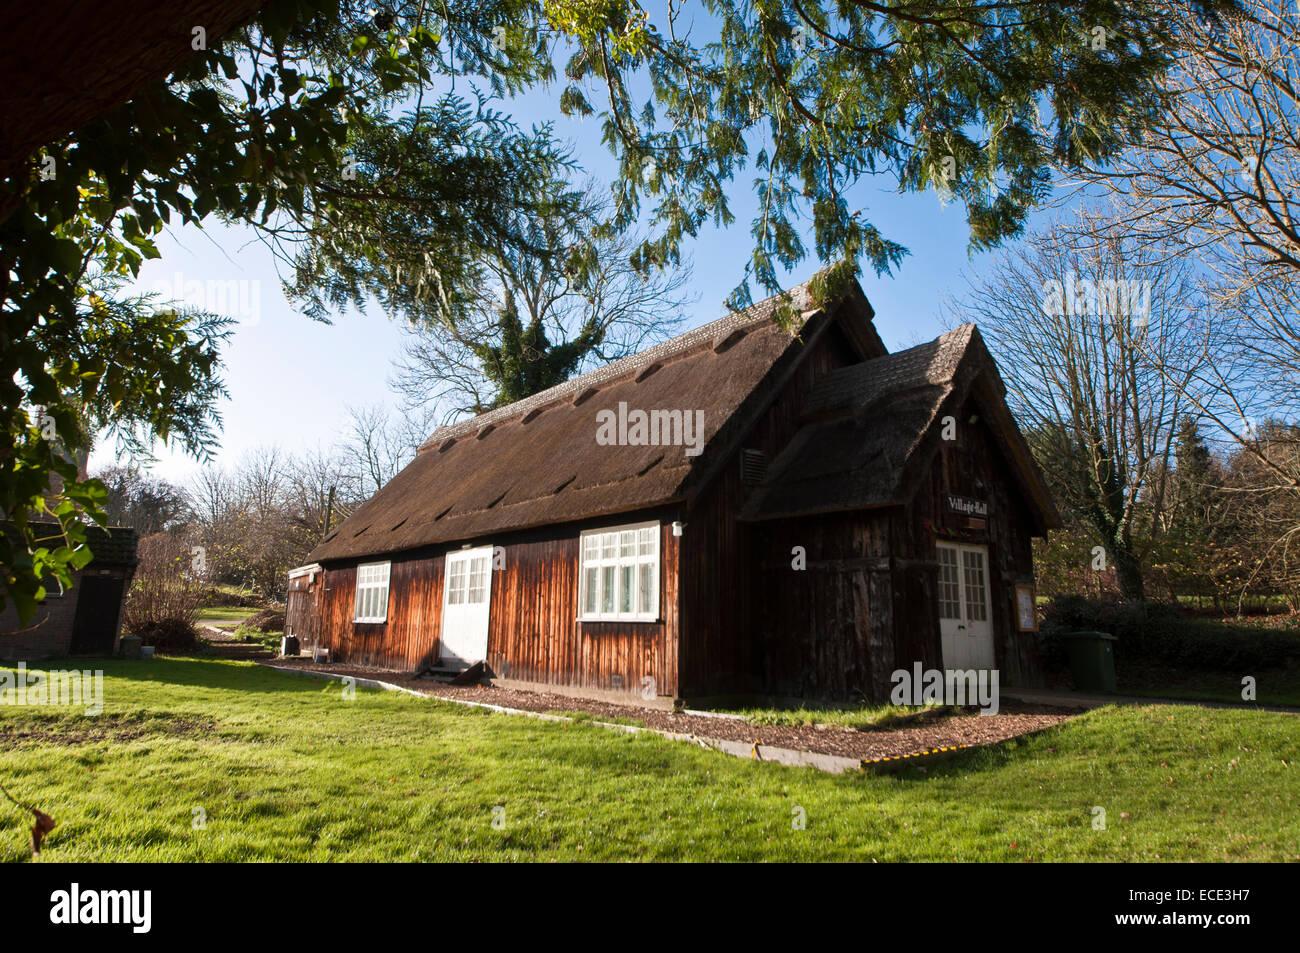 Ranworth old village hall - Stock Image